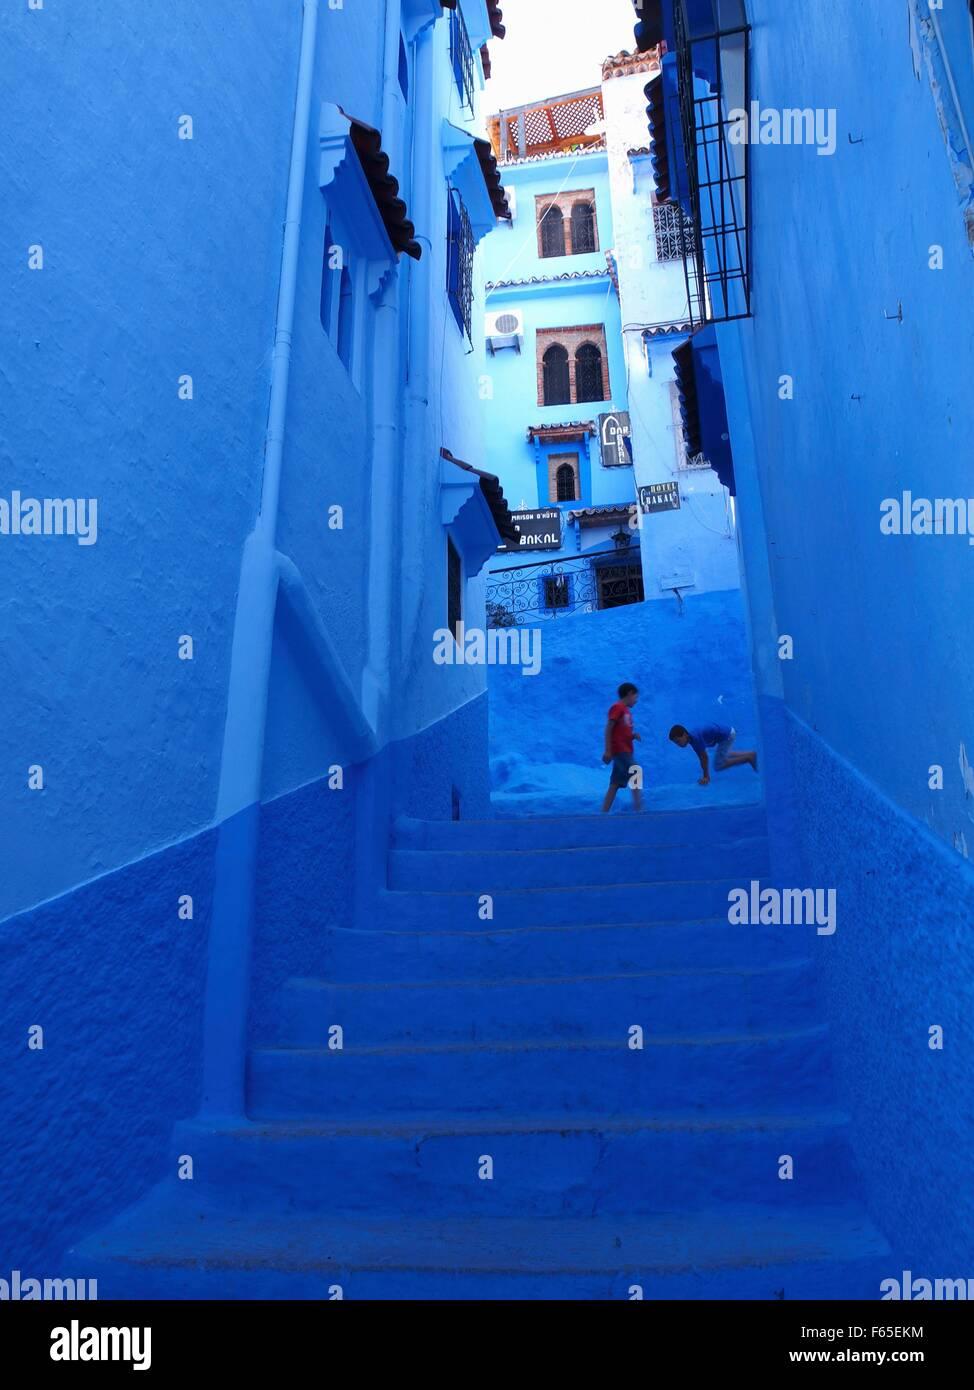 Enfants jouant dans une ruelle bleue dans la Médina de Chefchaouen, Maroc Photo Stock